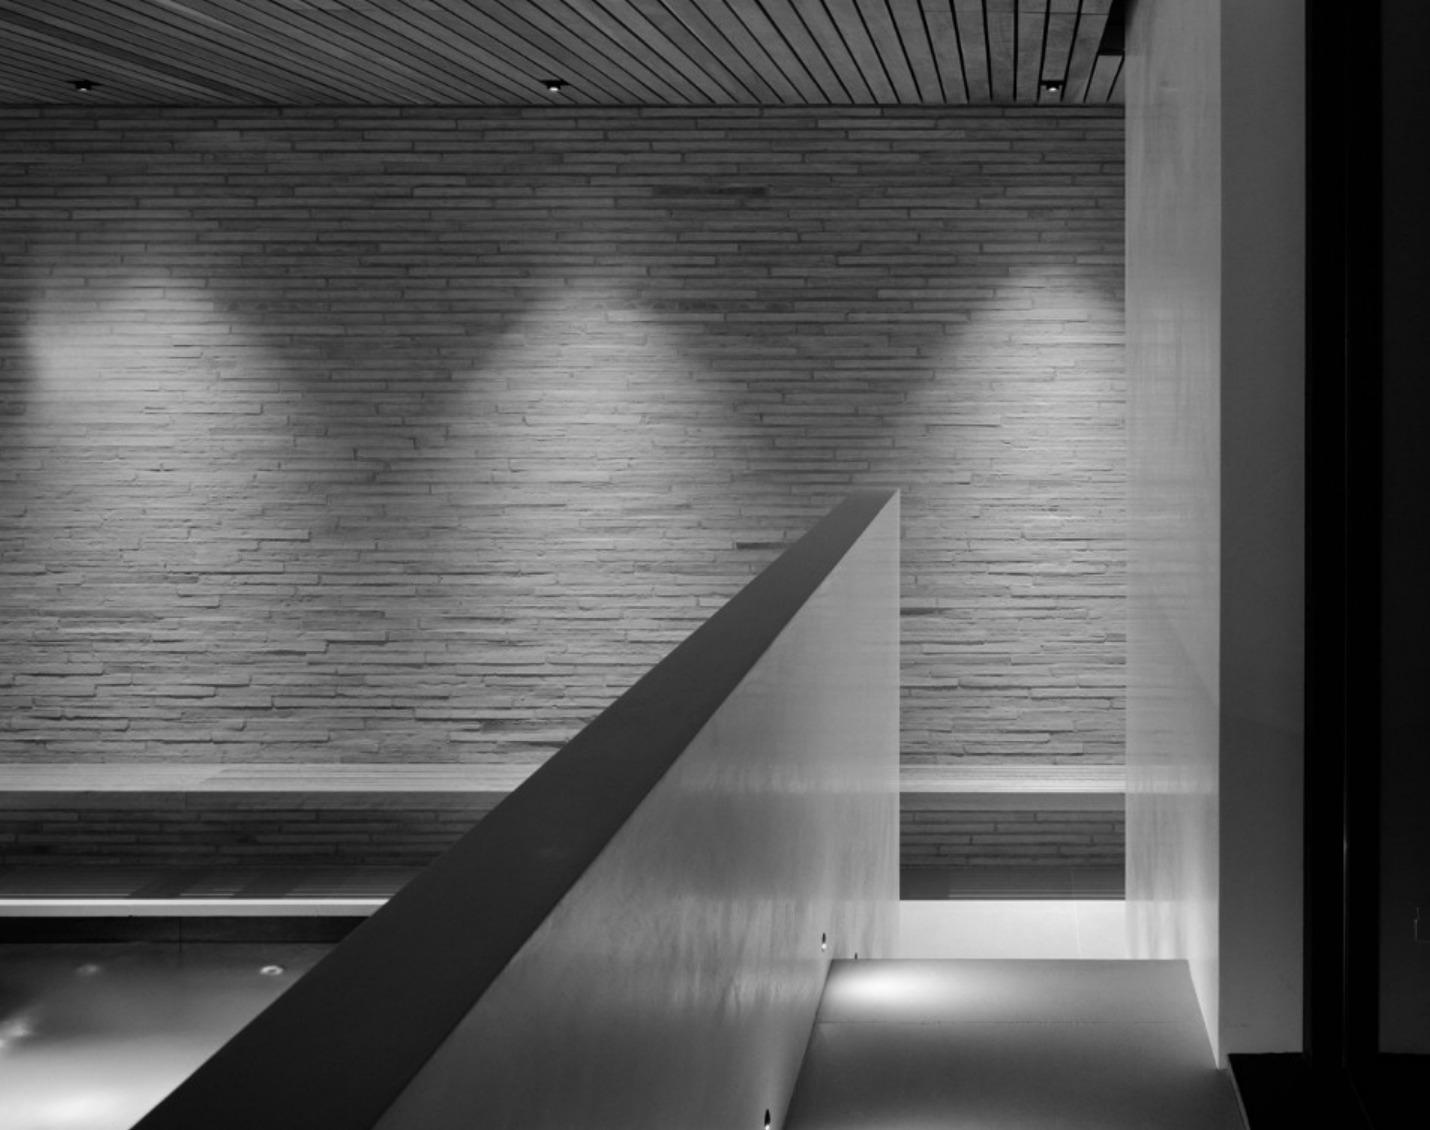 Private spa wellness space, Lon - elloarchitecture | ello